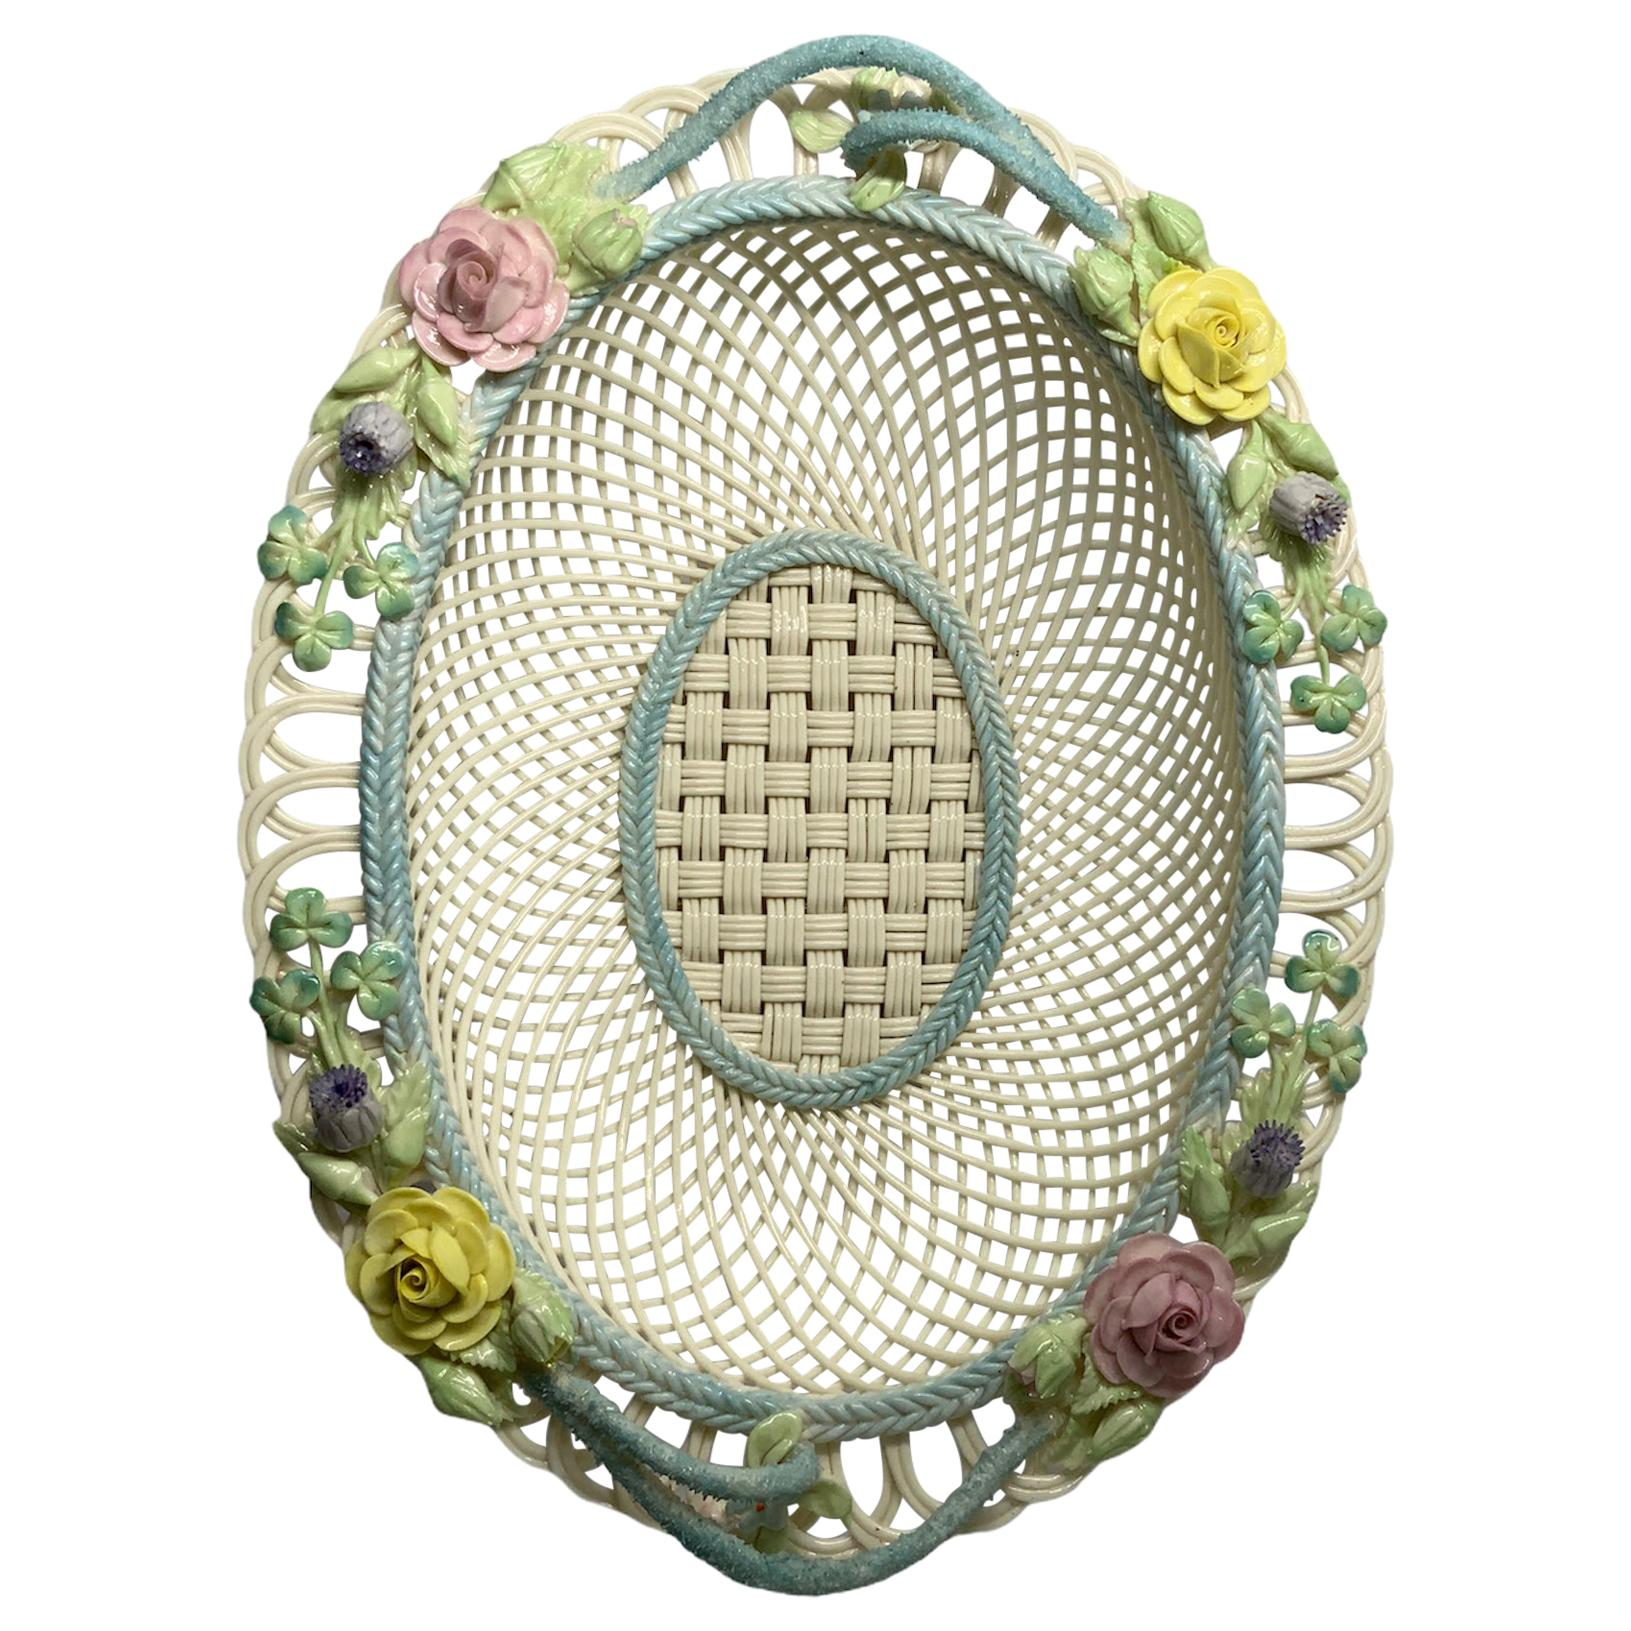 Large Belleek Porcelain Woven Basket